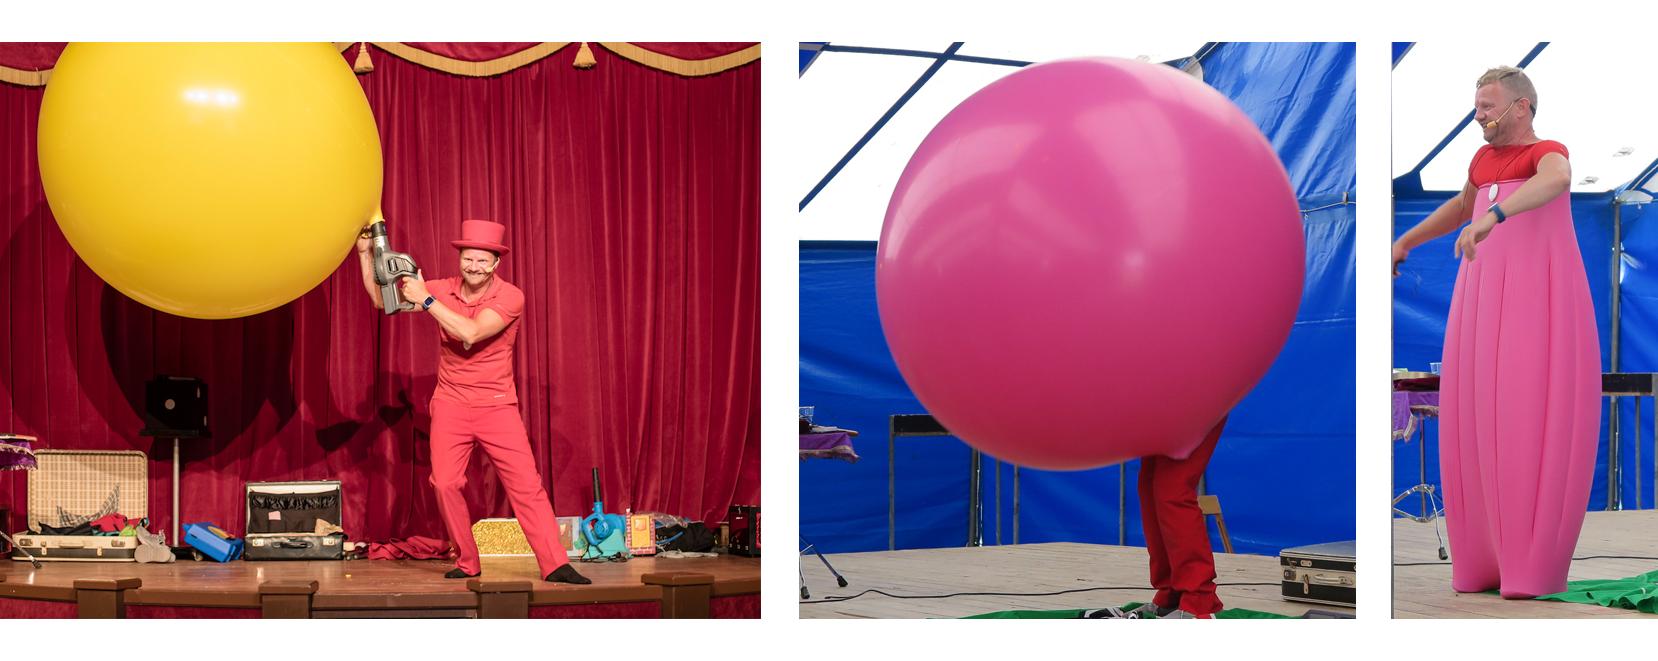 ballonnenshow ballonnenman Pieter